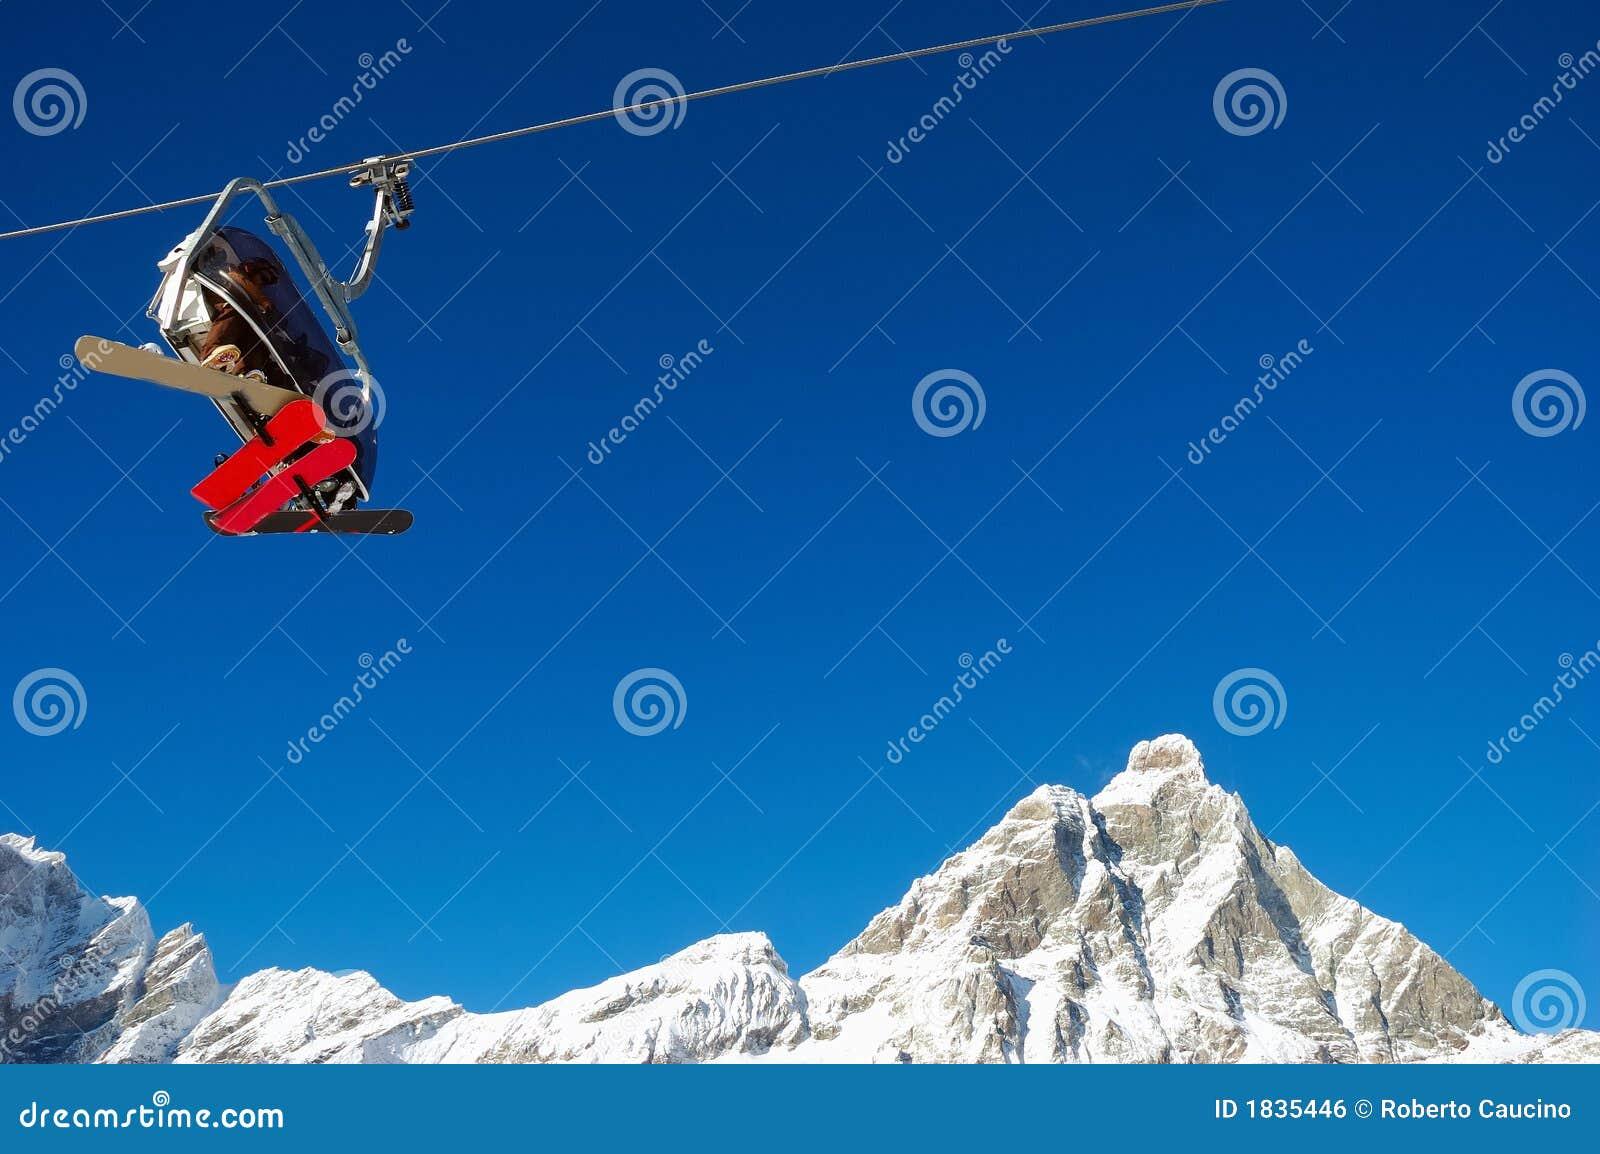 Ski lift Matterhorn